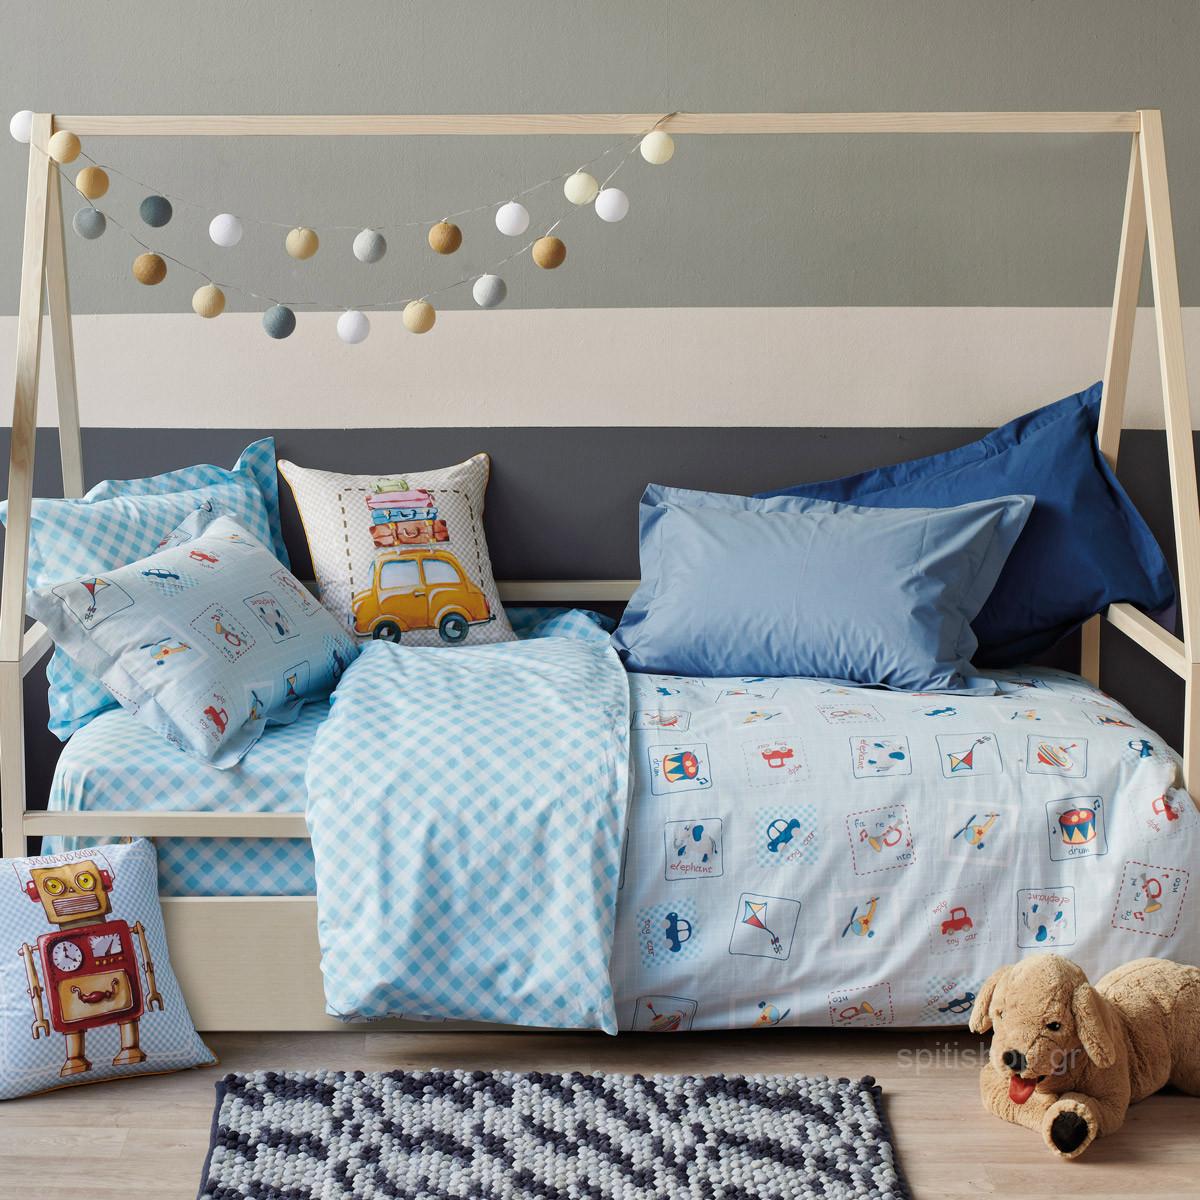 Παπλωματοθήκη Μονή (Σετ) Kentia Kids Twister home   παιδικά   παπλωματοθήκες παιδικές